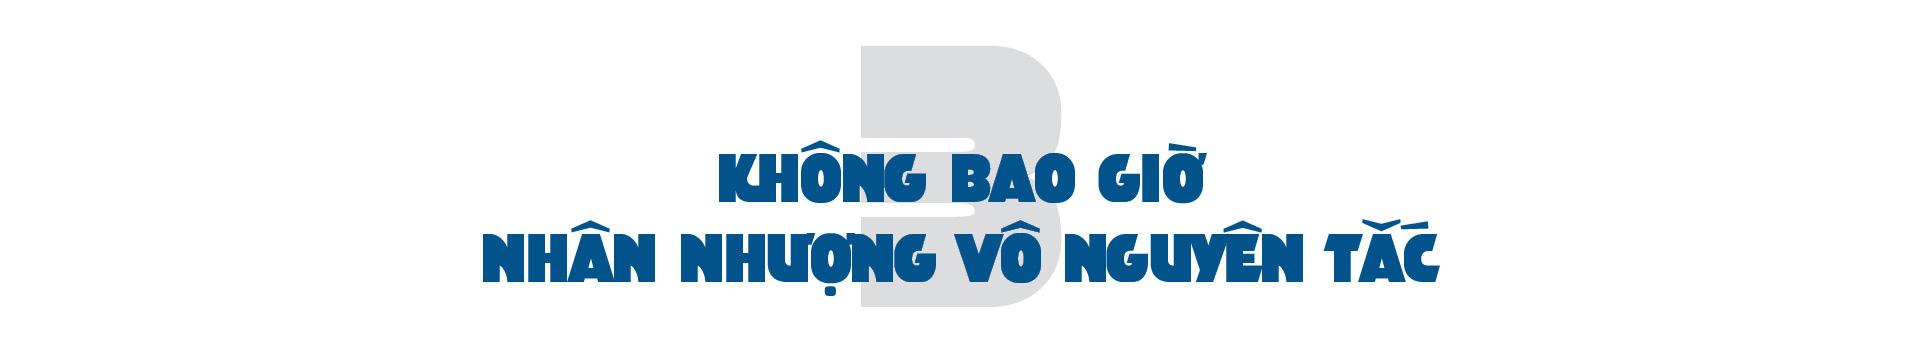 """Tiến sĩ Trần Công Trục: """"Không có chuyện Việt Nam bán đất, bán thác cho Trung Quốc"""" - Ảnh 9."""